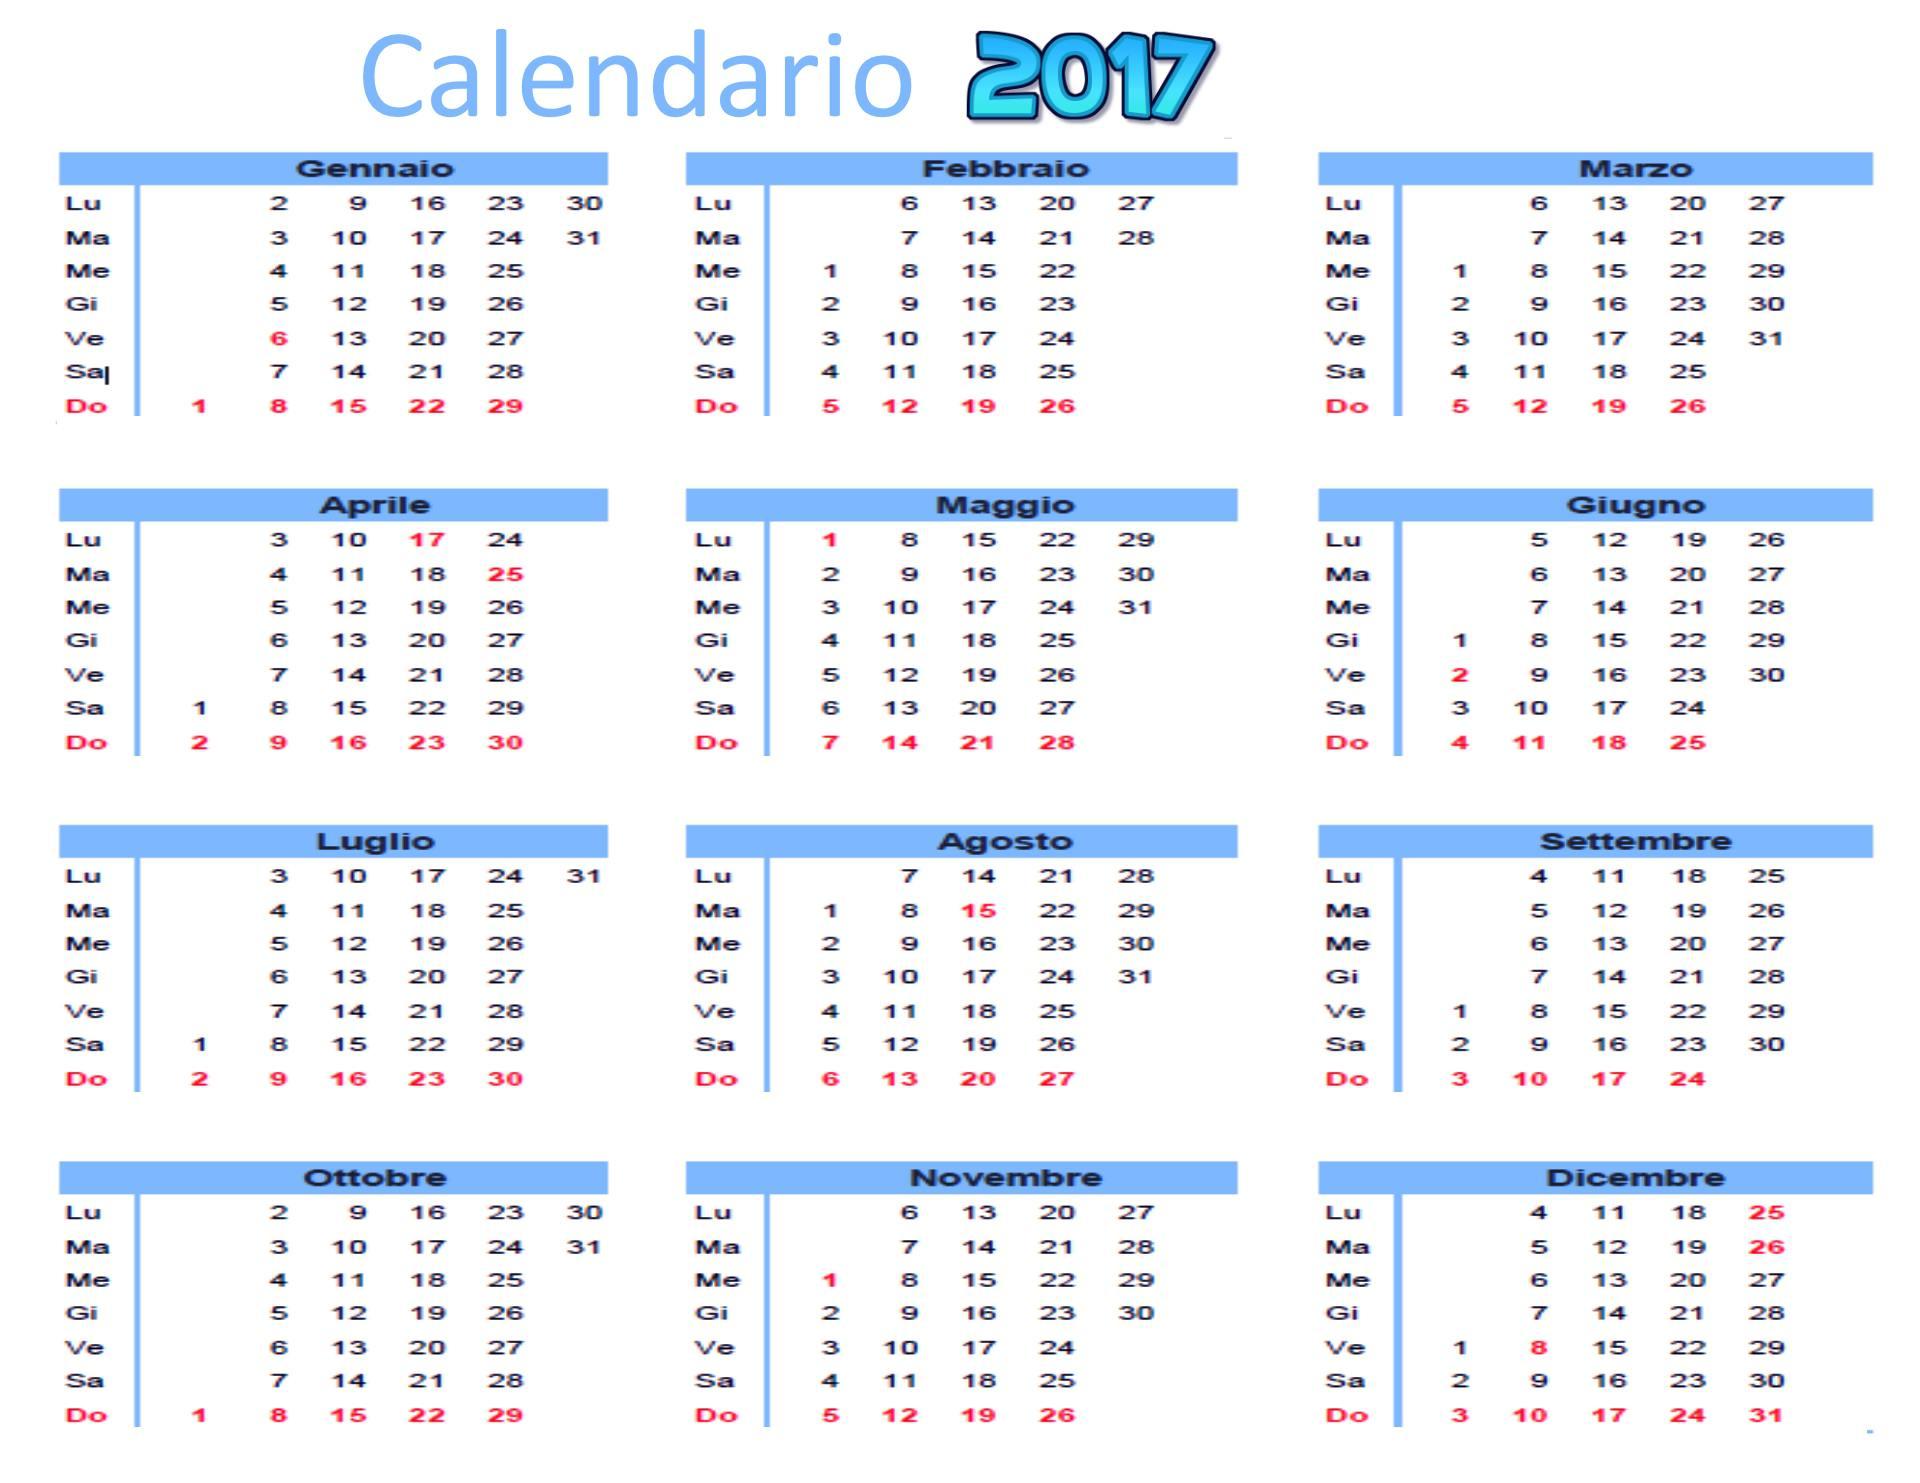 Famoso Calendario annuale 2017 da scaricare gratis e stampare BO49